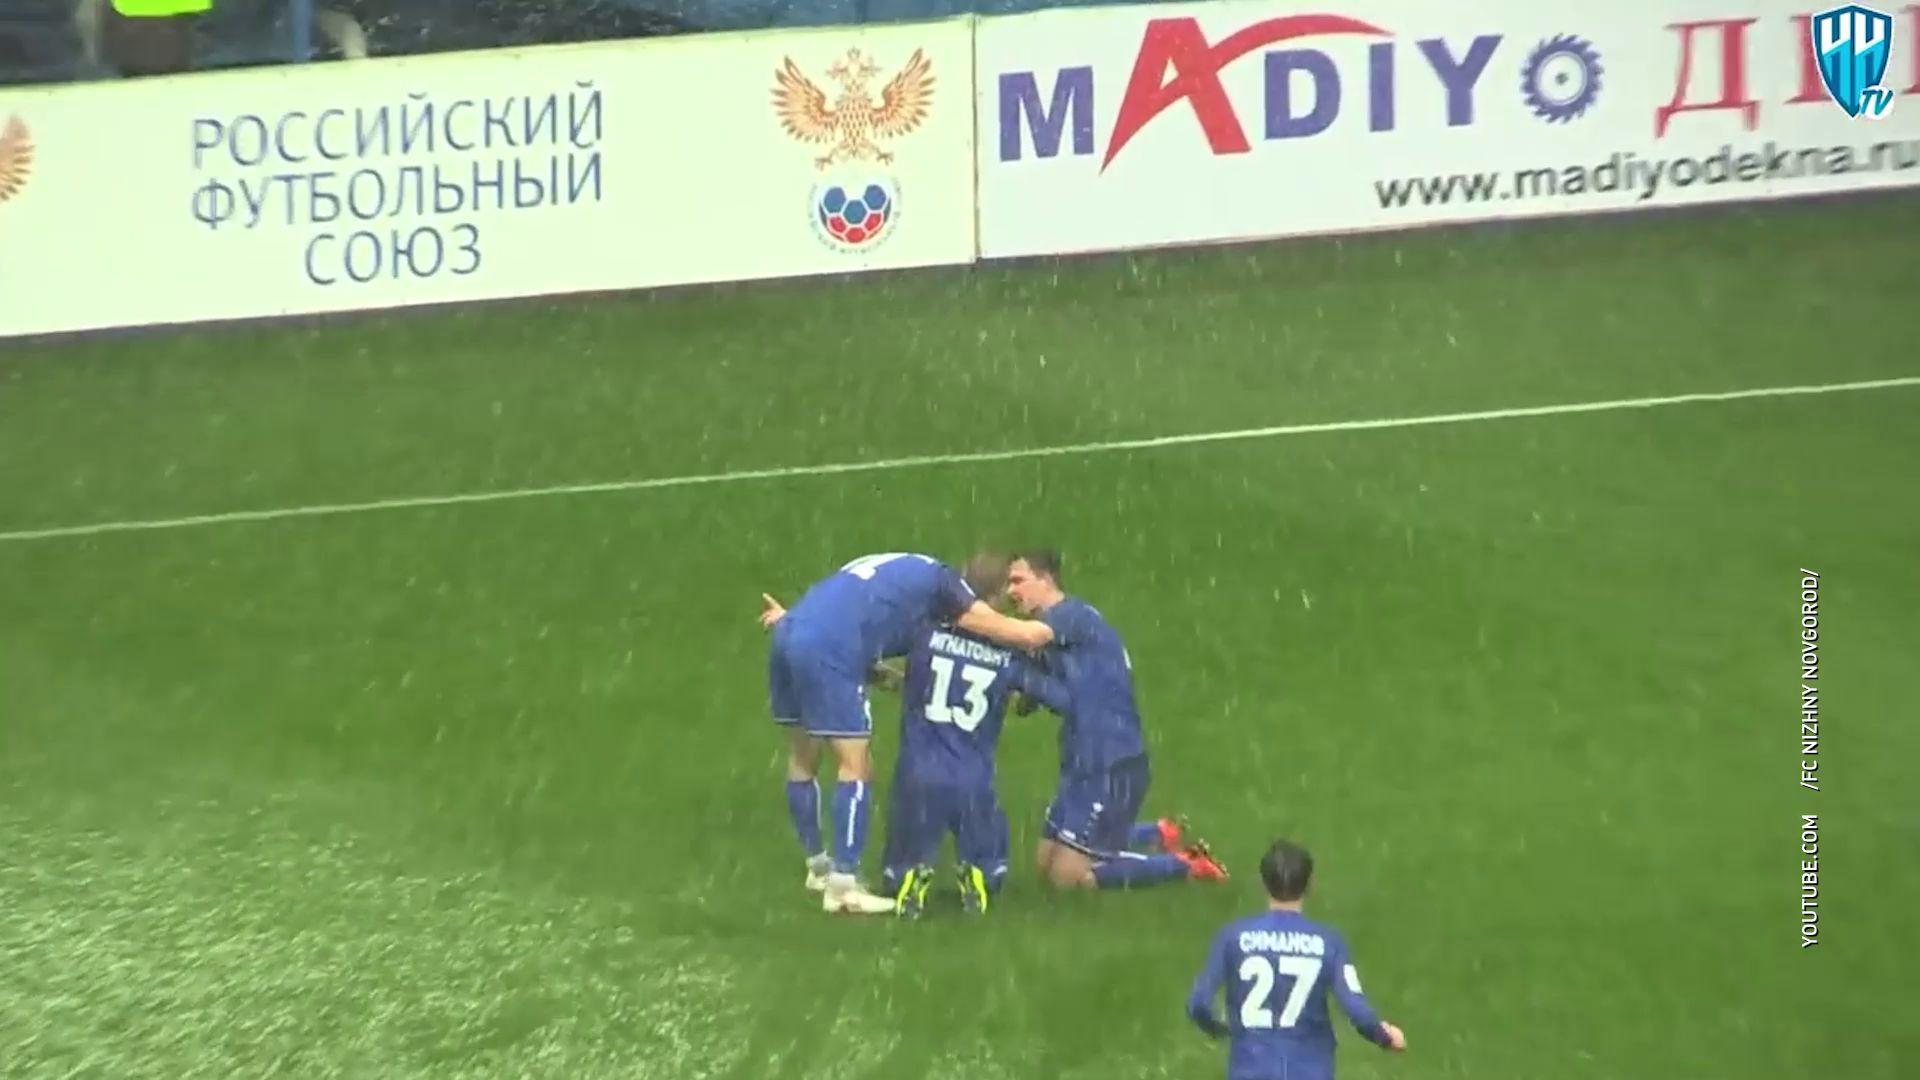 Ярославский «Шинник» подписал контракт с полузащитником Павлом Игнатовичем